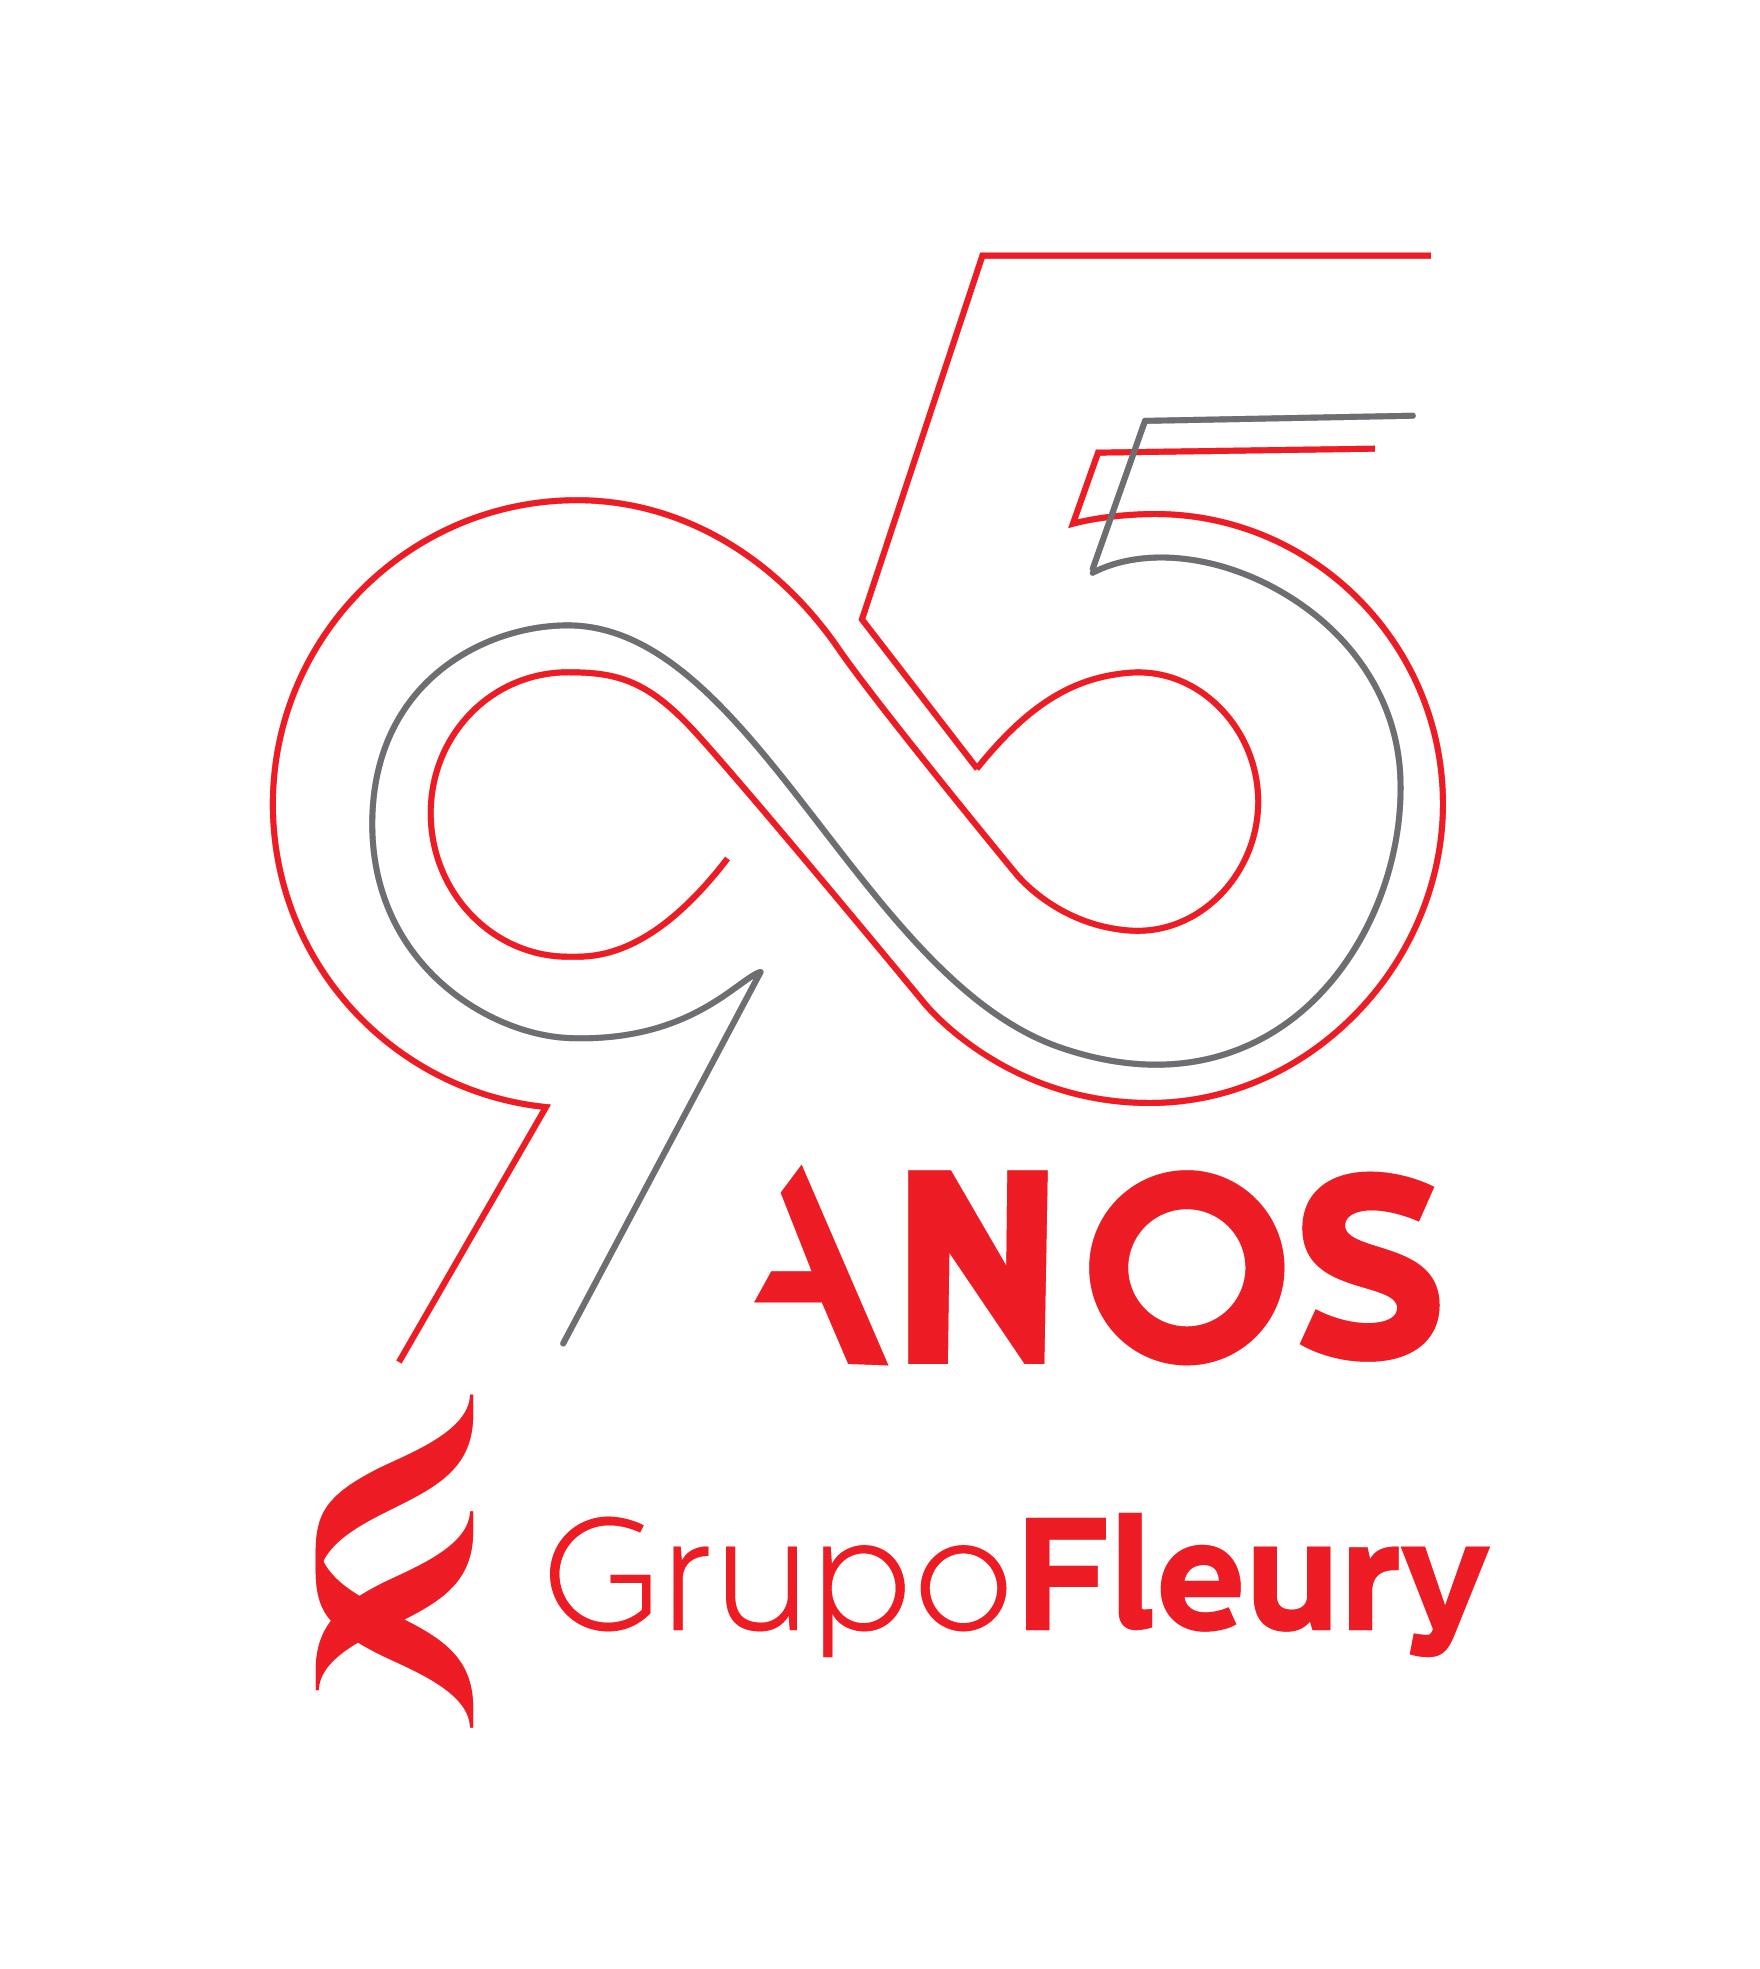 Logo do Grupo Fleury, indicando 95 anos numa arte com grafismos